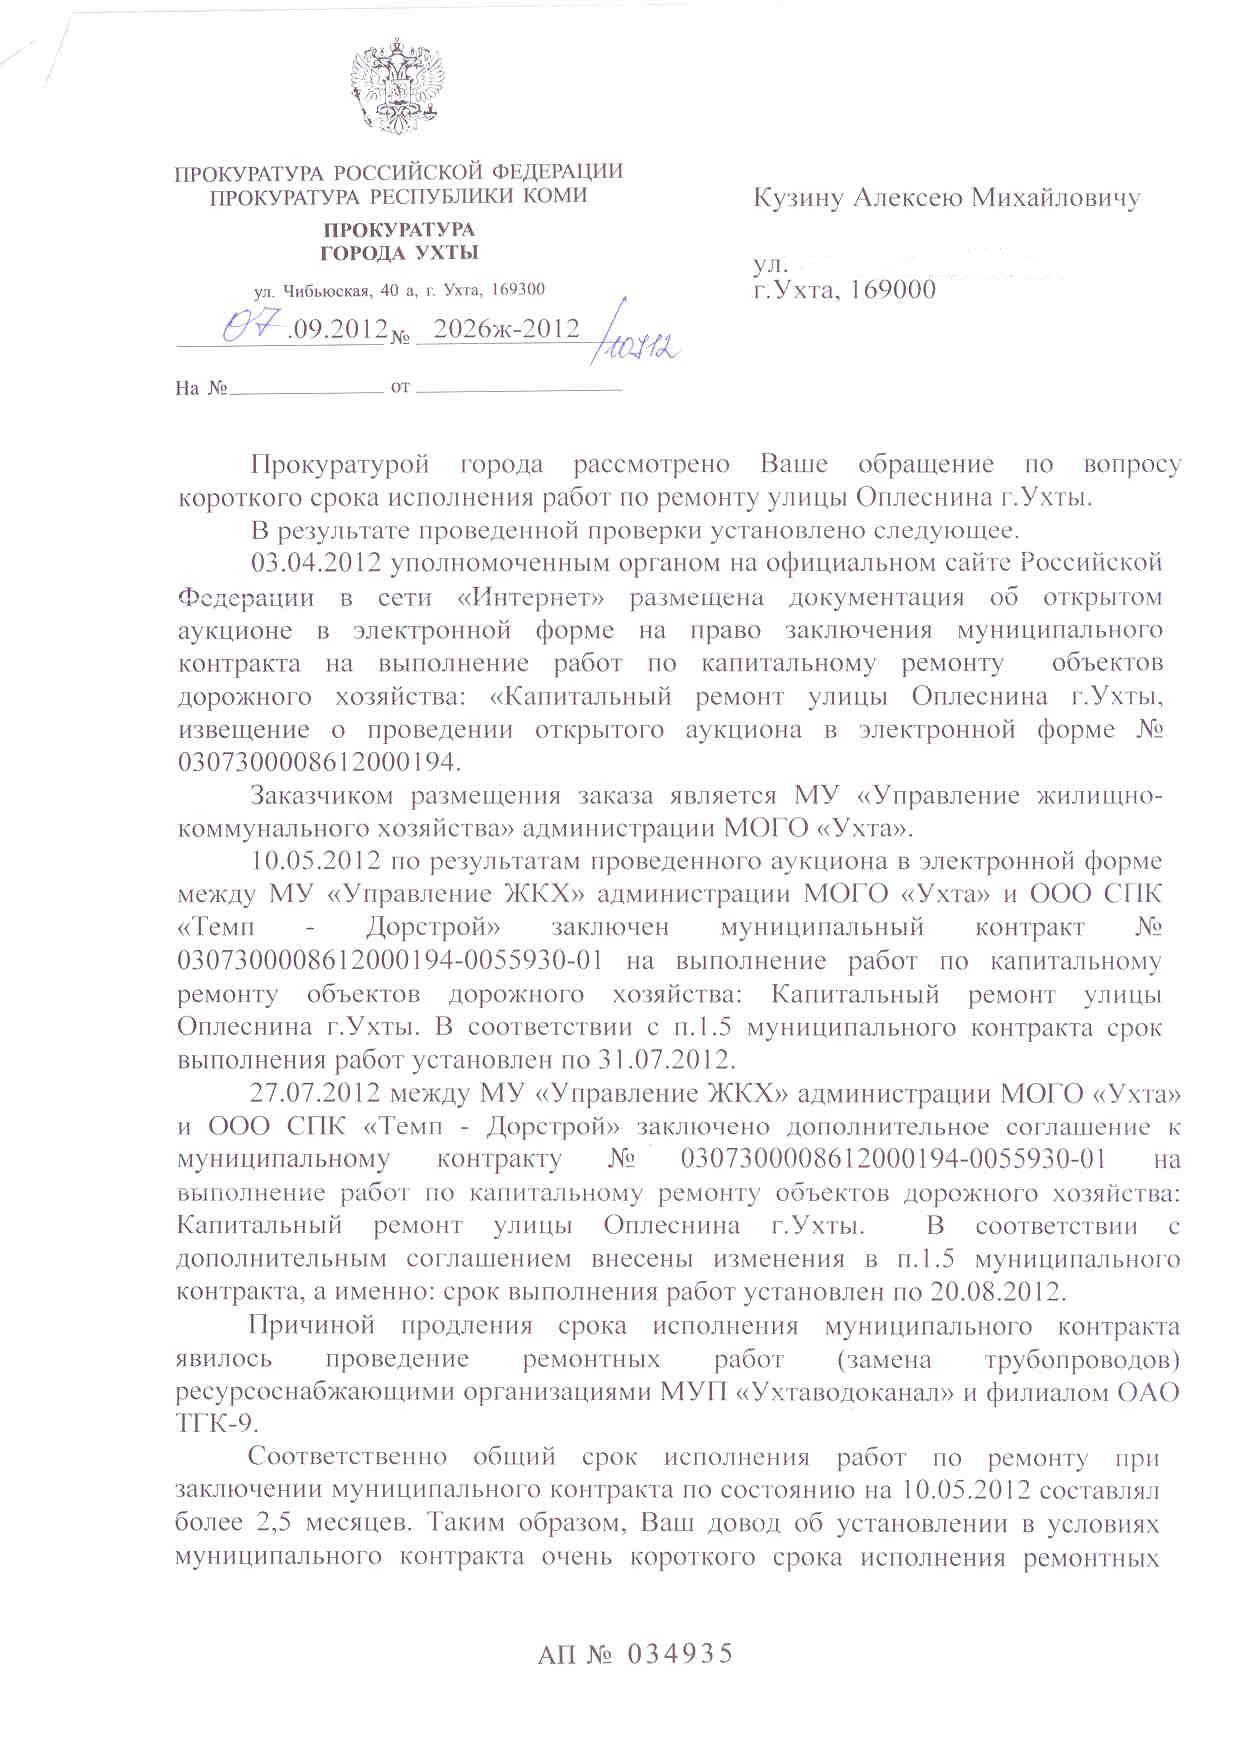 ответ на протест прокуратуры образец